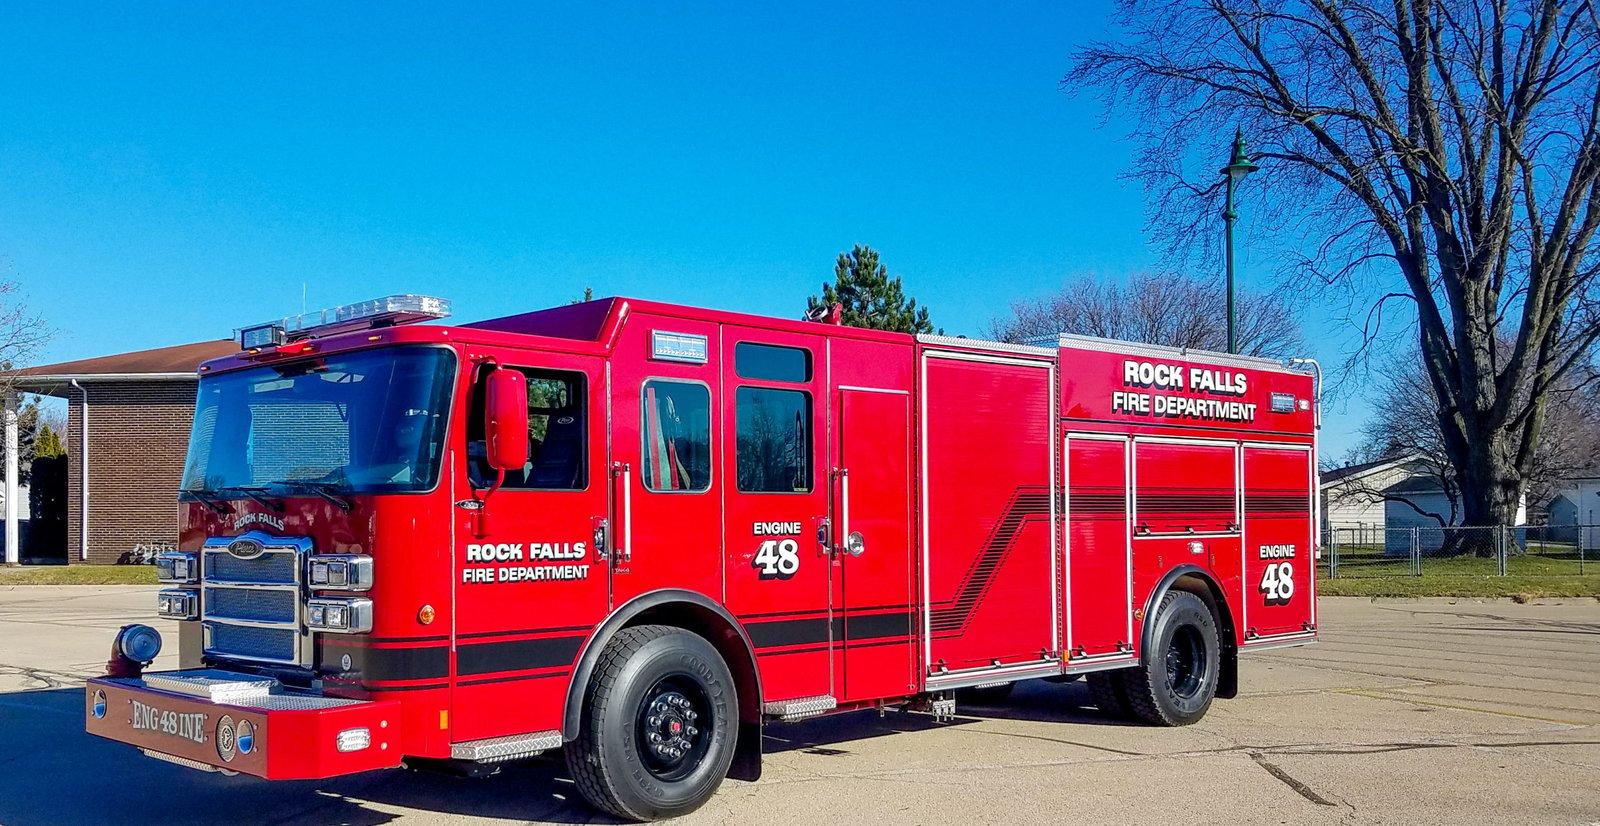 Rock Falls Fire Department - Pumper